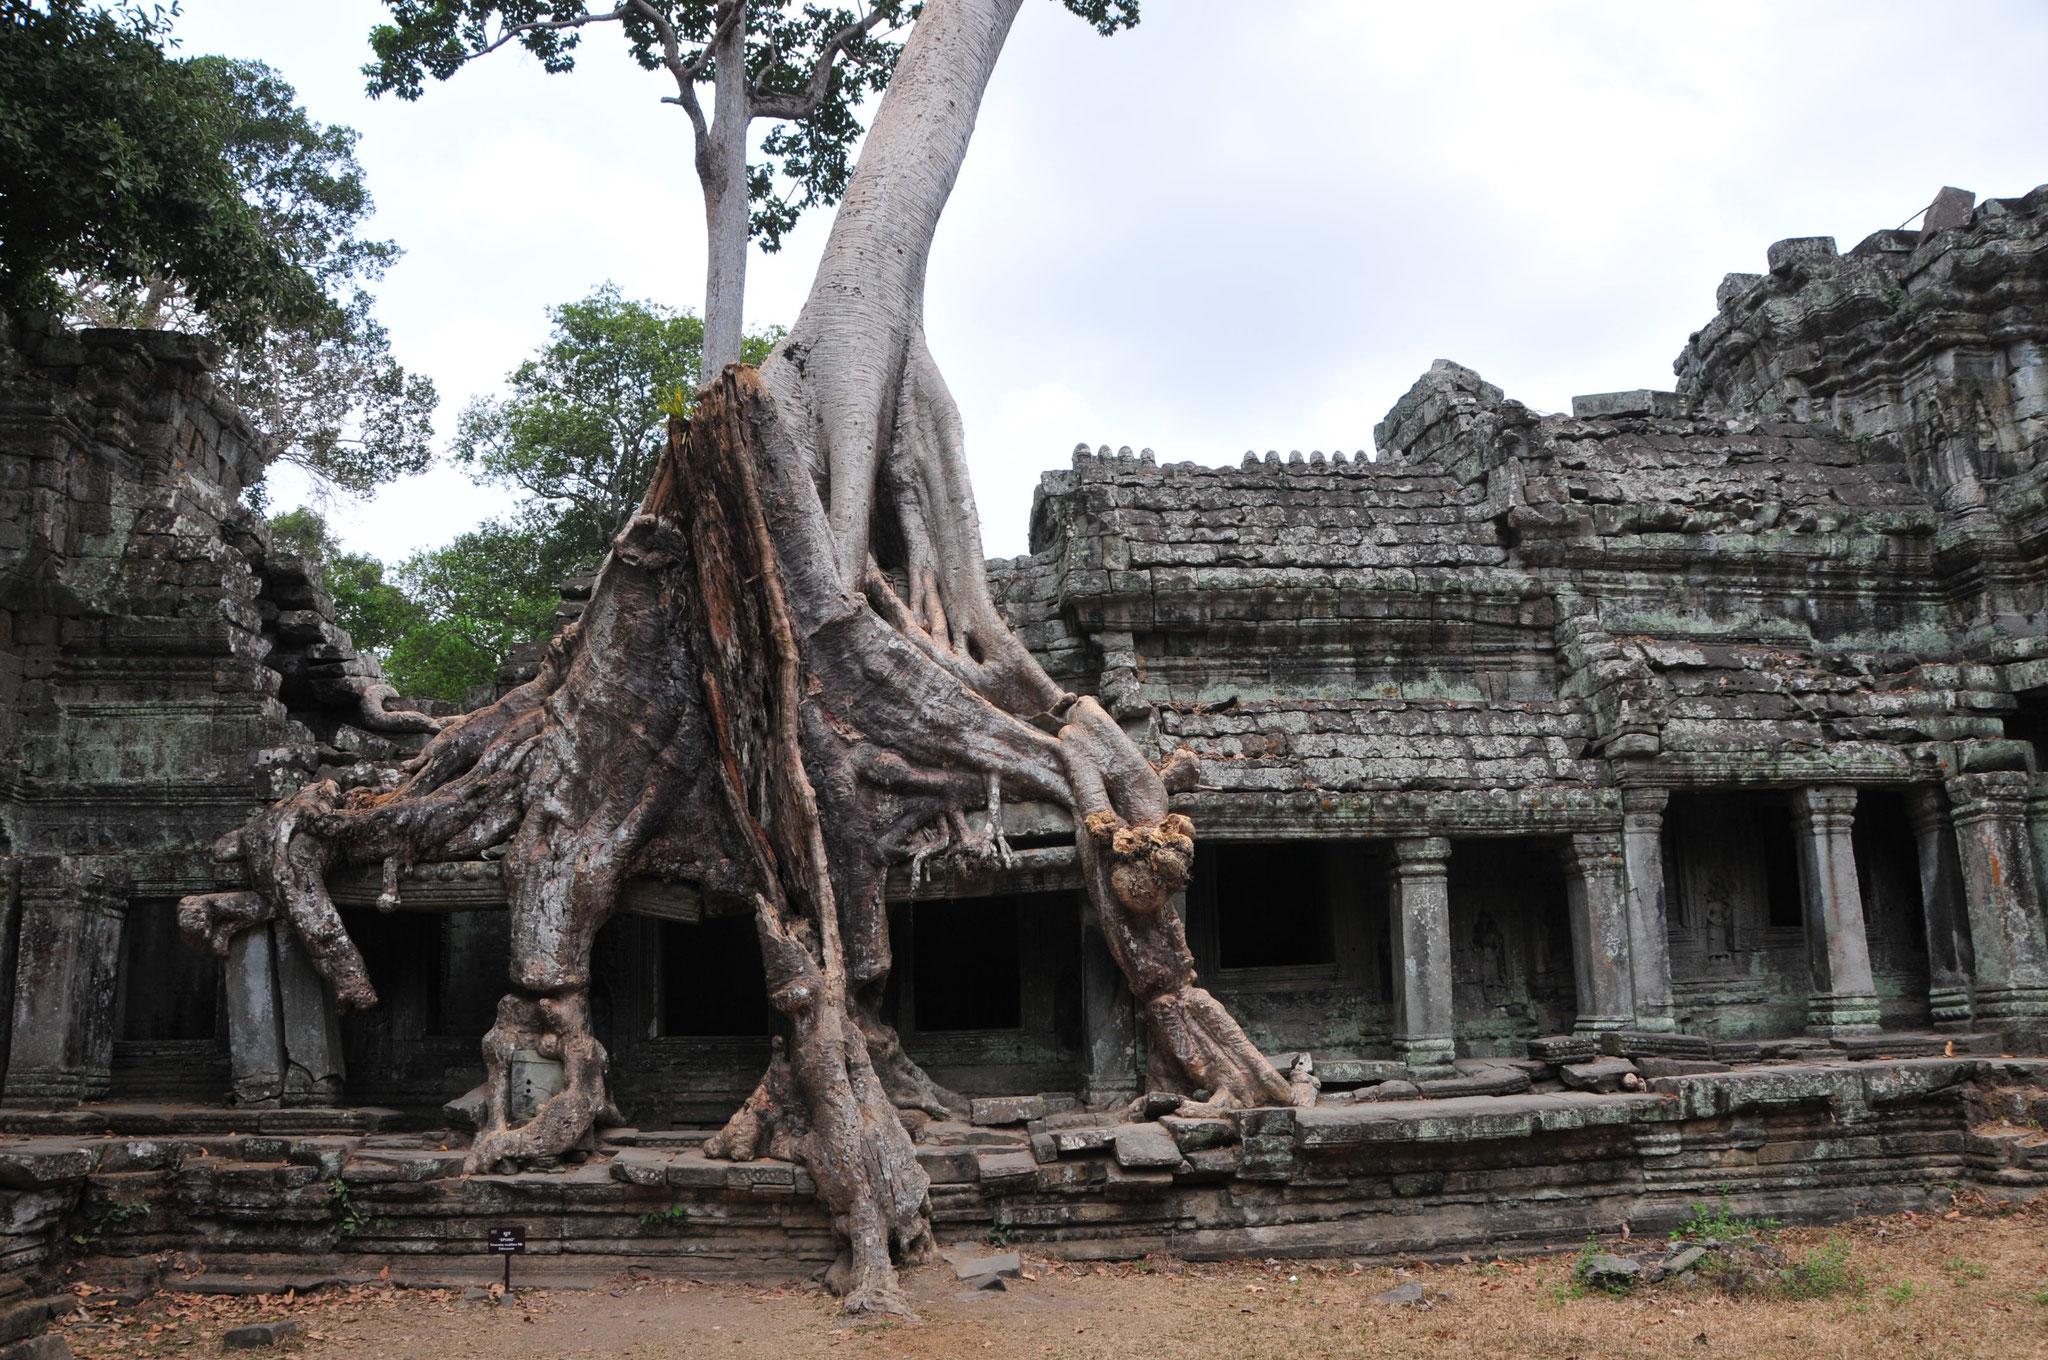 Im Laufe Jahrhunderte überwuchern die Baumwurzeln die  Tempelanlagen (hier wurde Tomb Raider gedreht)